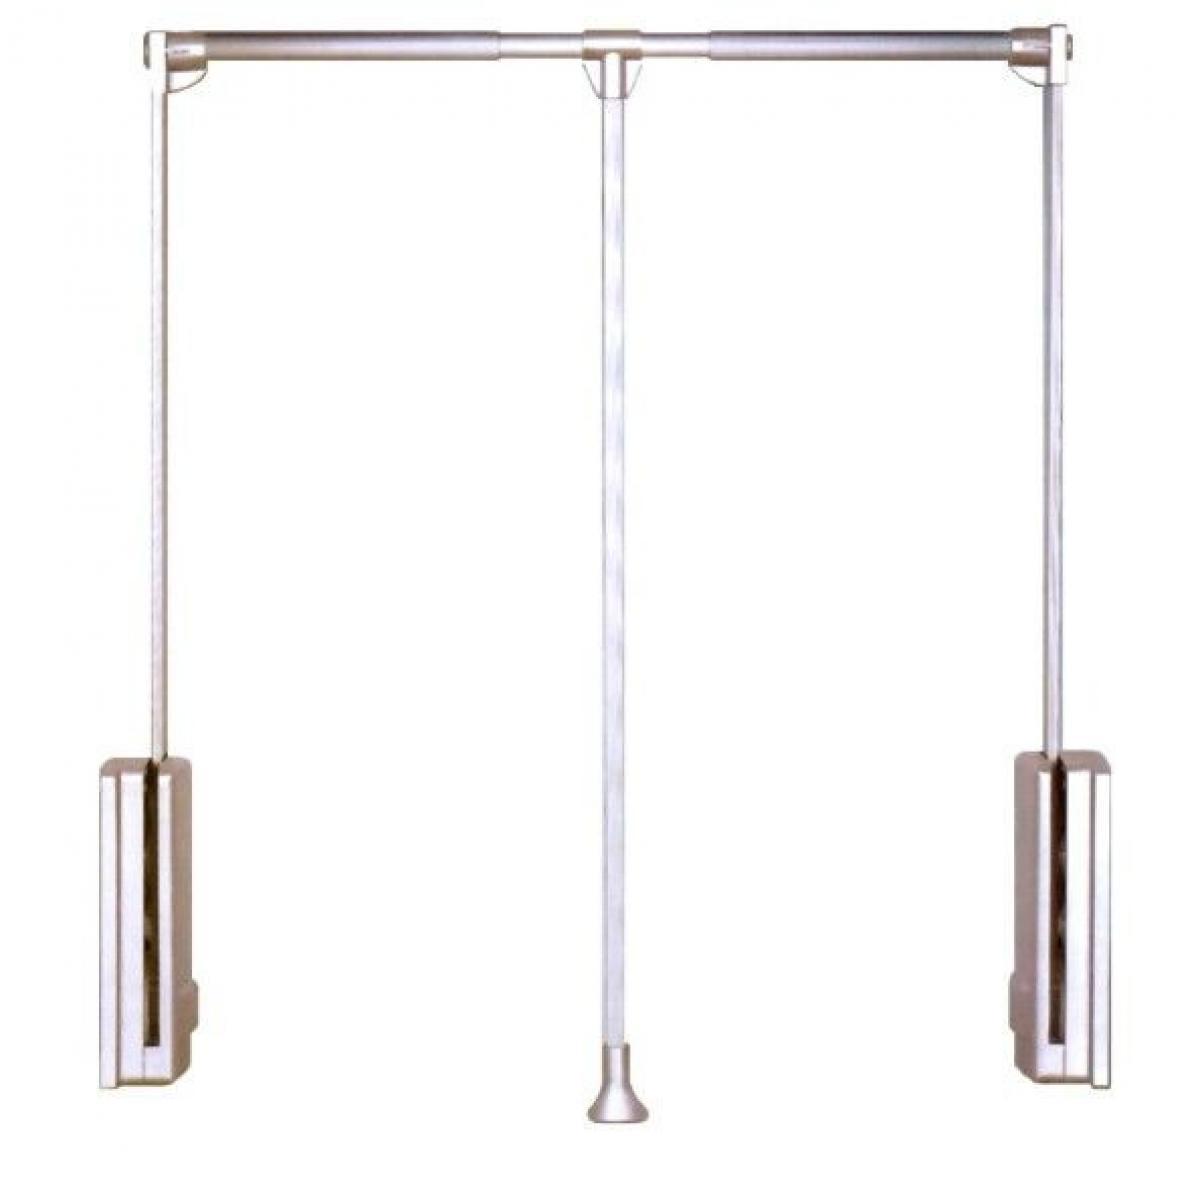 пантограф мебельный Лифт для одежды 113 телескопический L83-115см